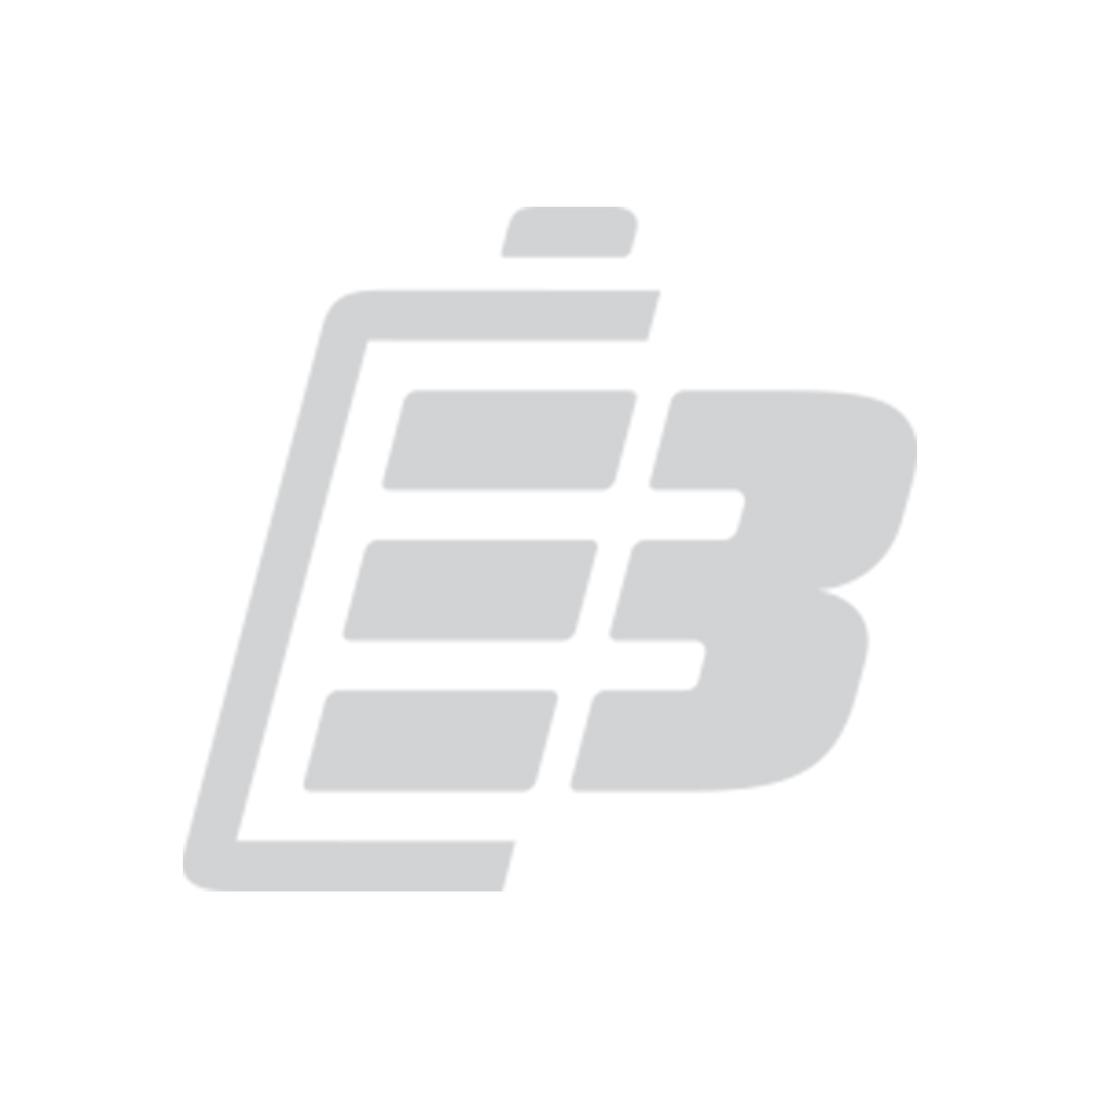 """Μπαταρία Laptop Apple MacBook 13"""" A1181 Λευκή_1"""